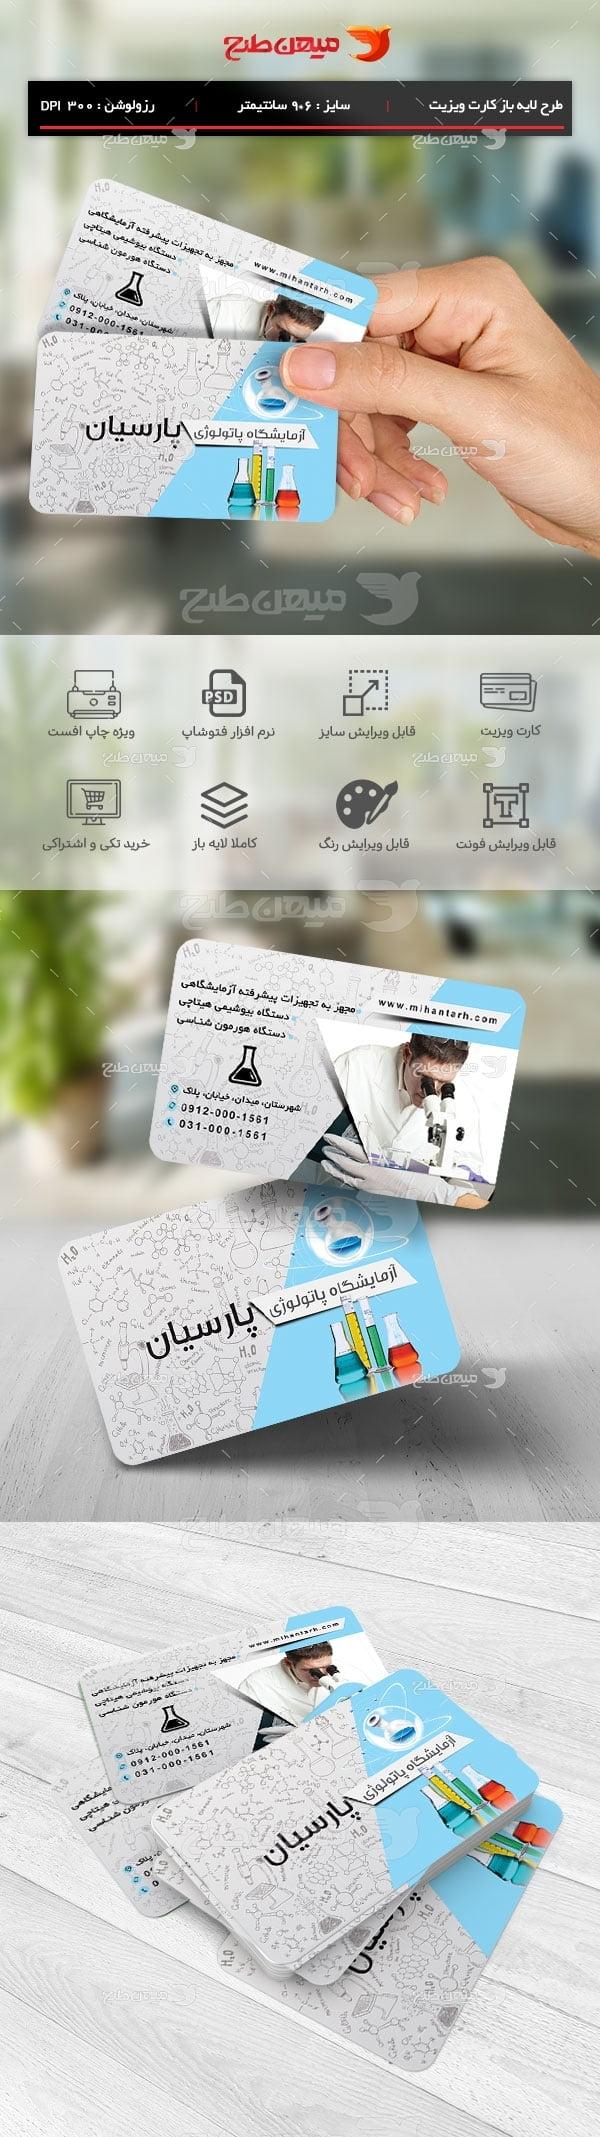 طرح لایه باز کارت ویزیت آزمایشگاه پاتولوژی پارسیان